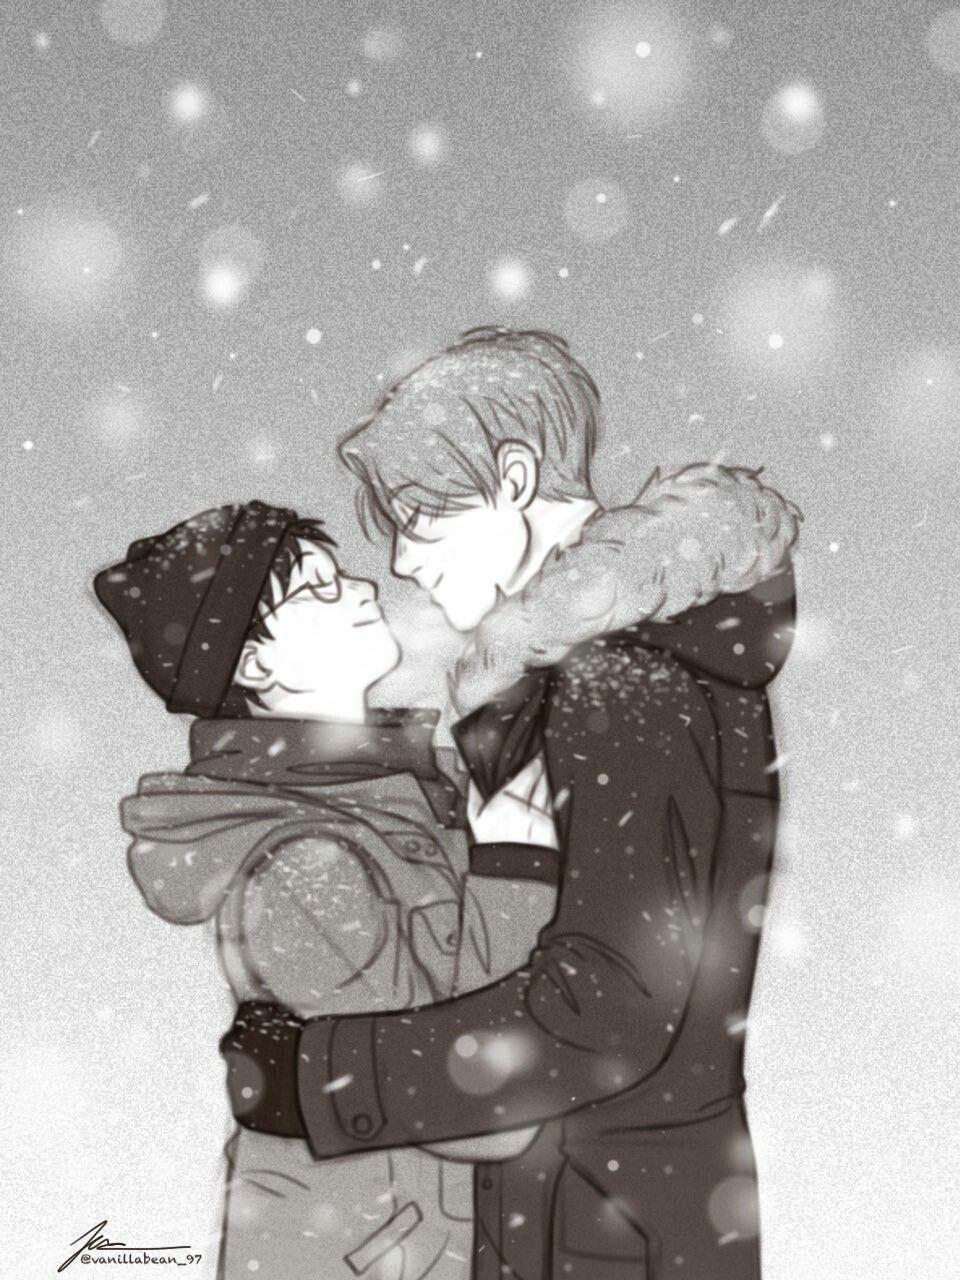 vanillabean_97 Yuri on ice, Yuri, Anime